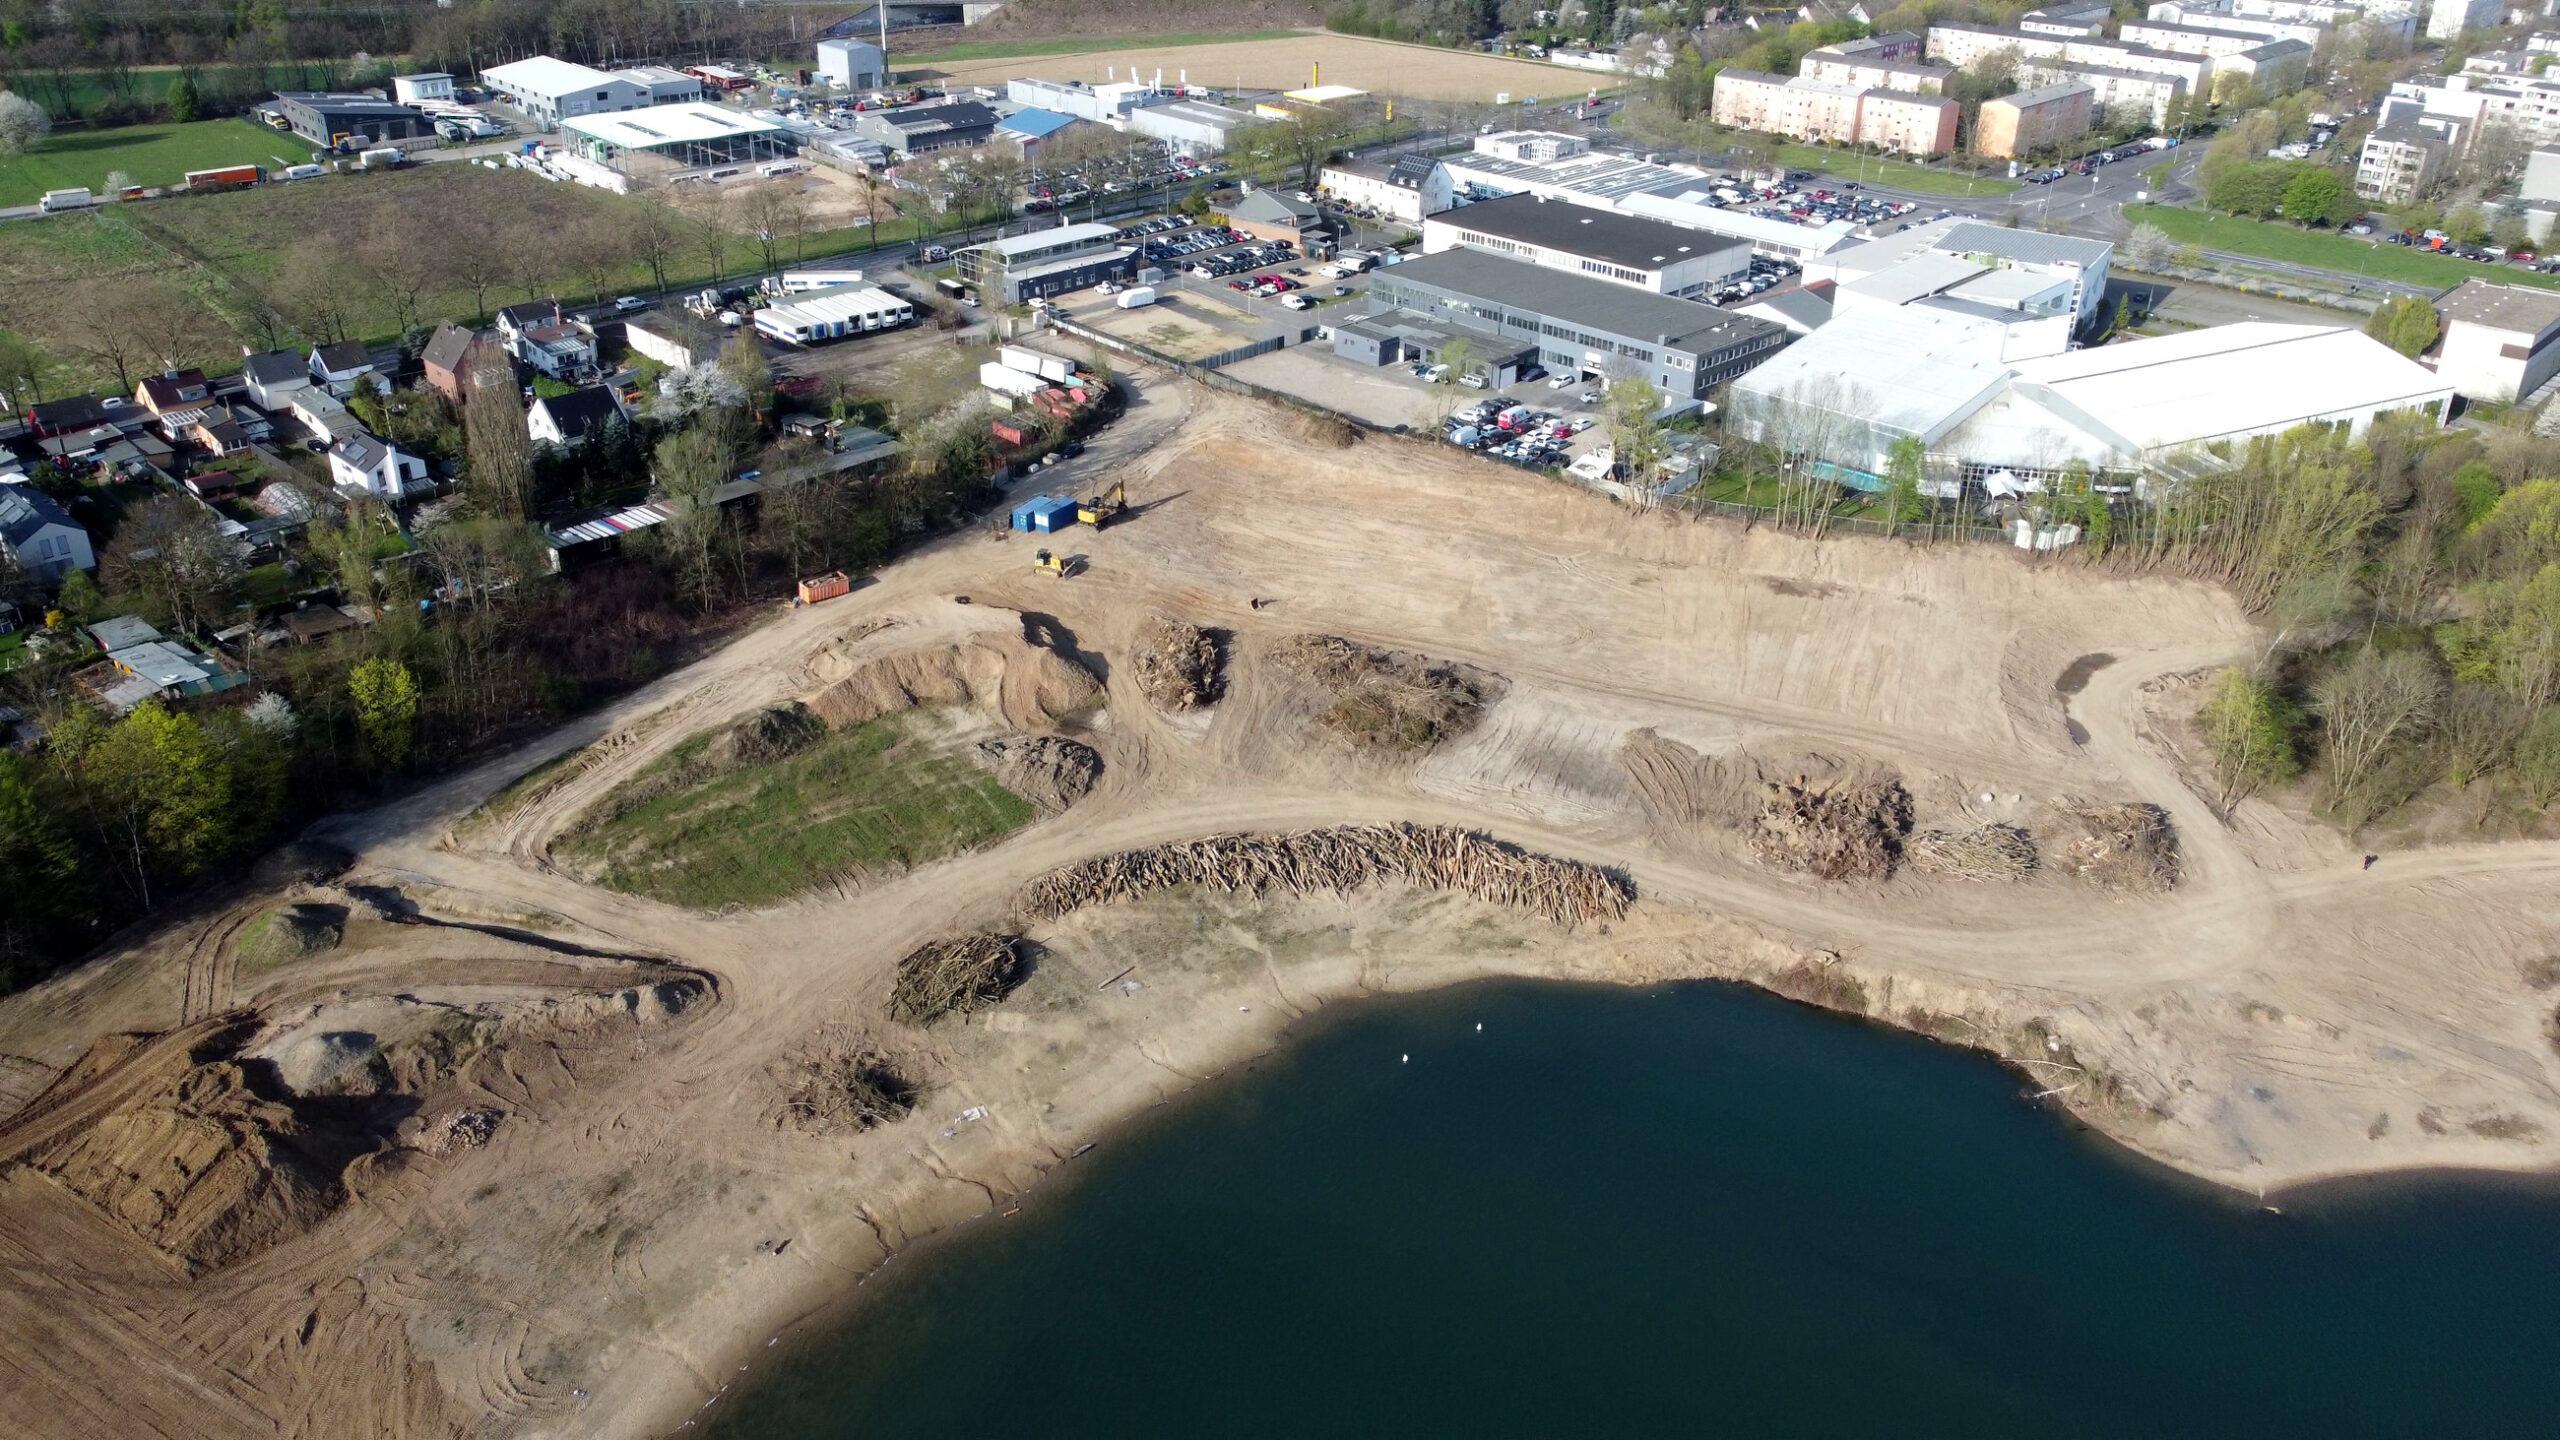 Ein Luftbild des südwestlichen Ufers des Rather Sees. Darauf sind gefällte Bäume auf Stapeln zu sehen und eine große, planierte Fläche, auf der einmal der Parkplatz entstehen soll.